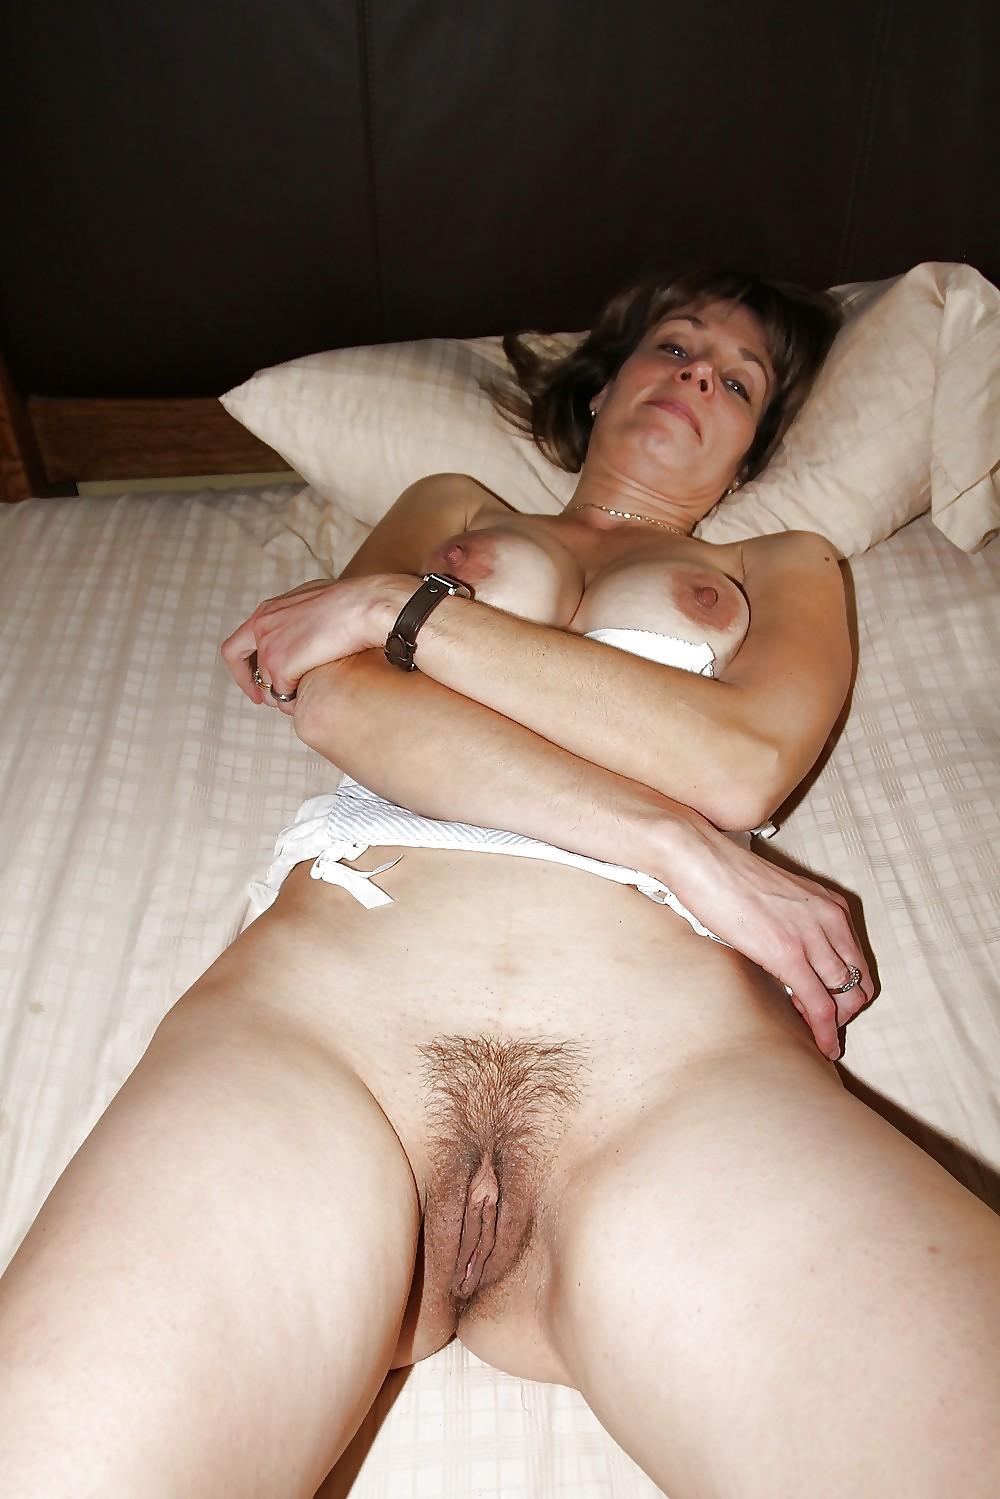 Пизда зрелой жены после ебли фото полуобнаженной грудью видео